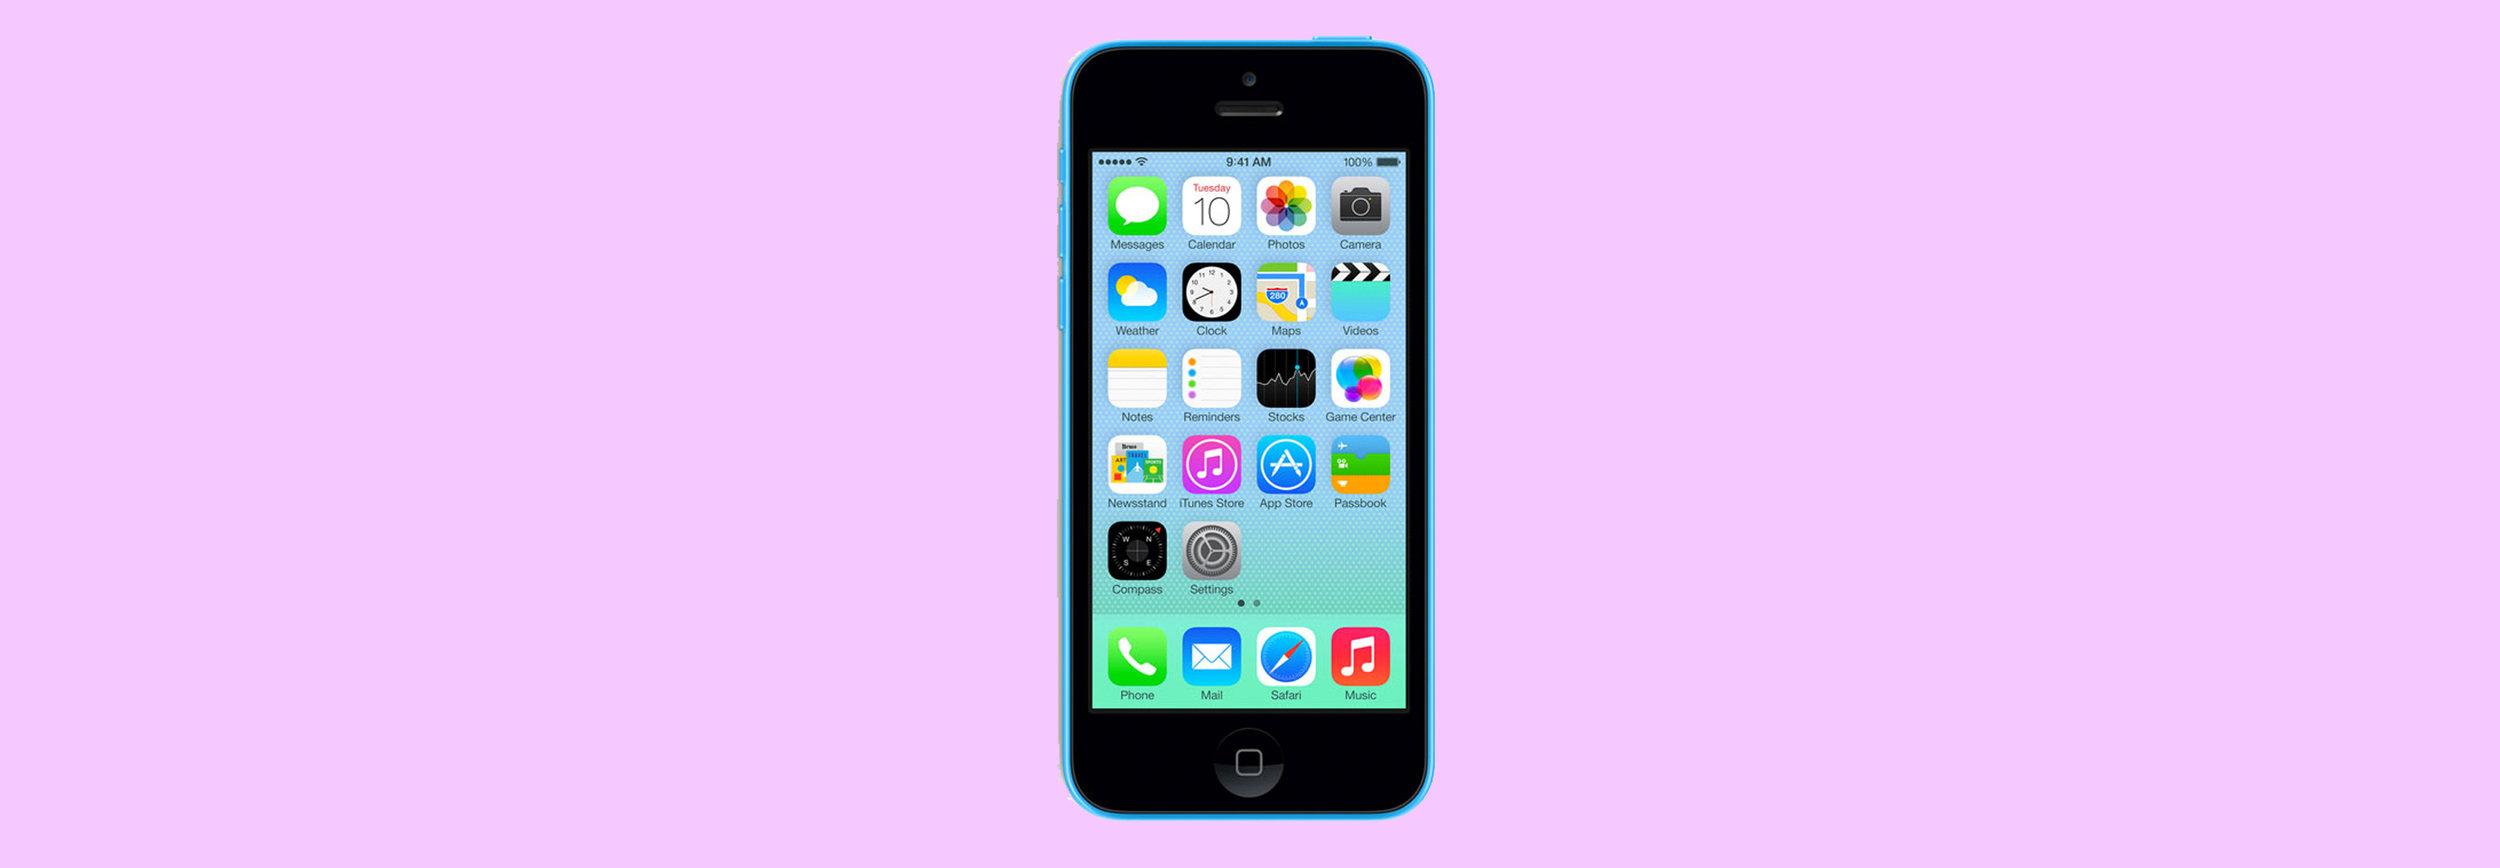 iPhone 5C Ex.jpg